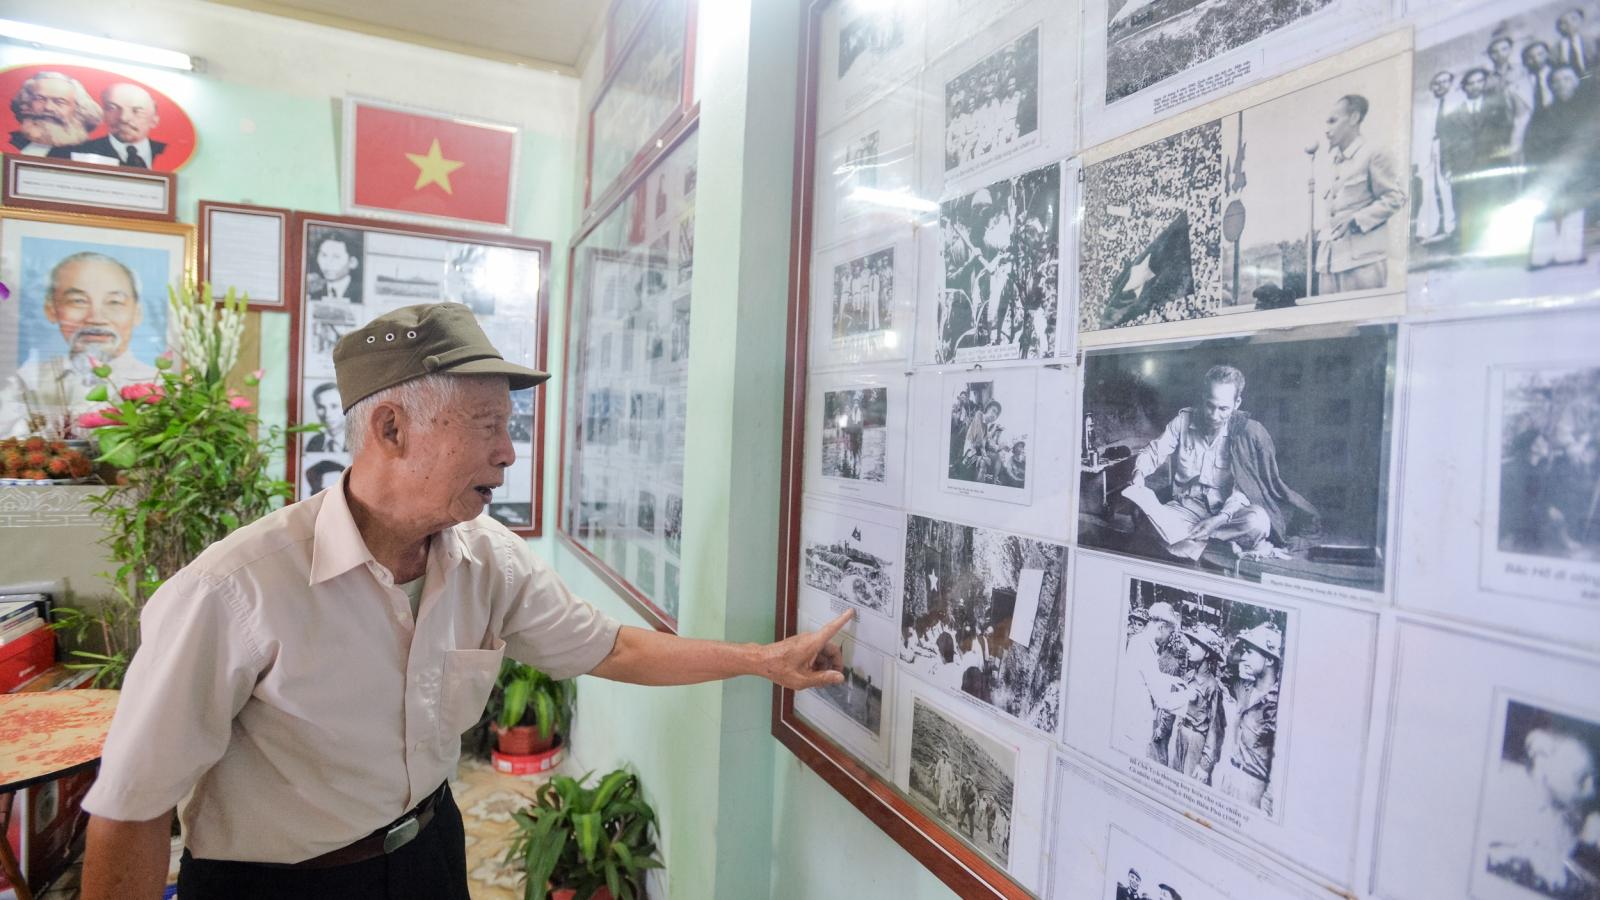 Lão nông dành 50 năm sưu tập 300 bức ảnh quý giá về Bác Hồ